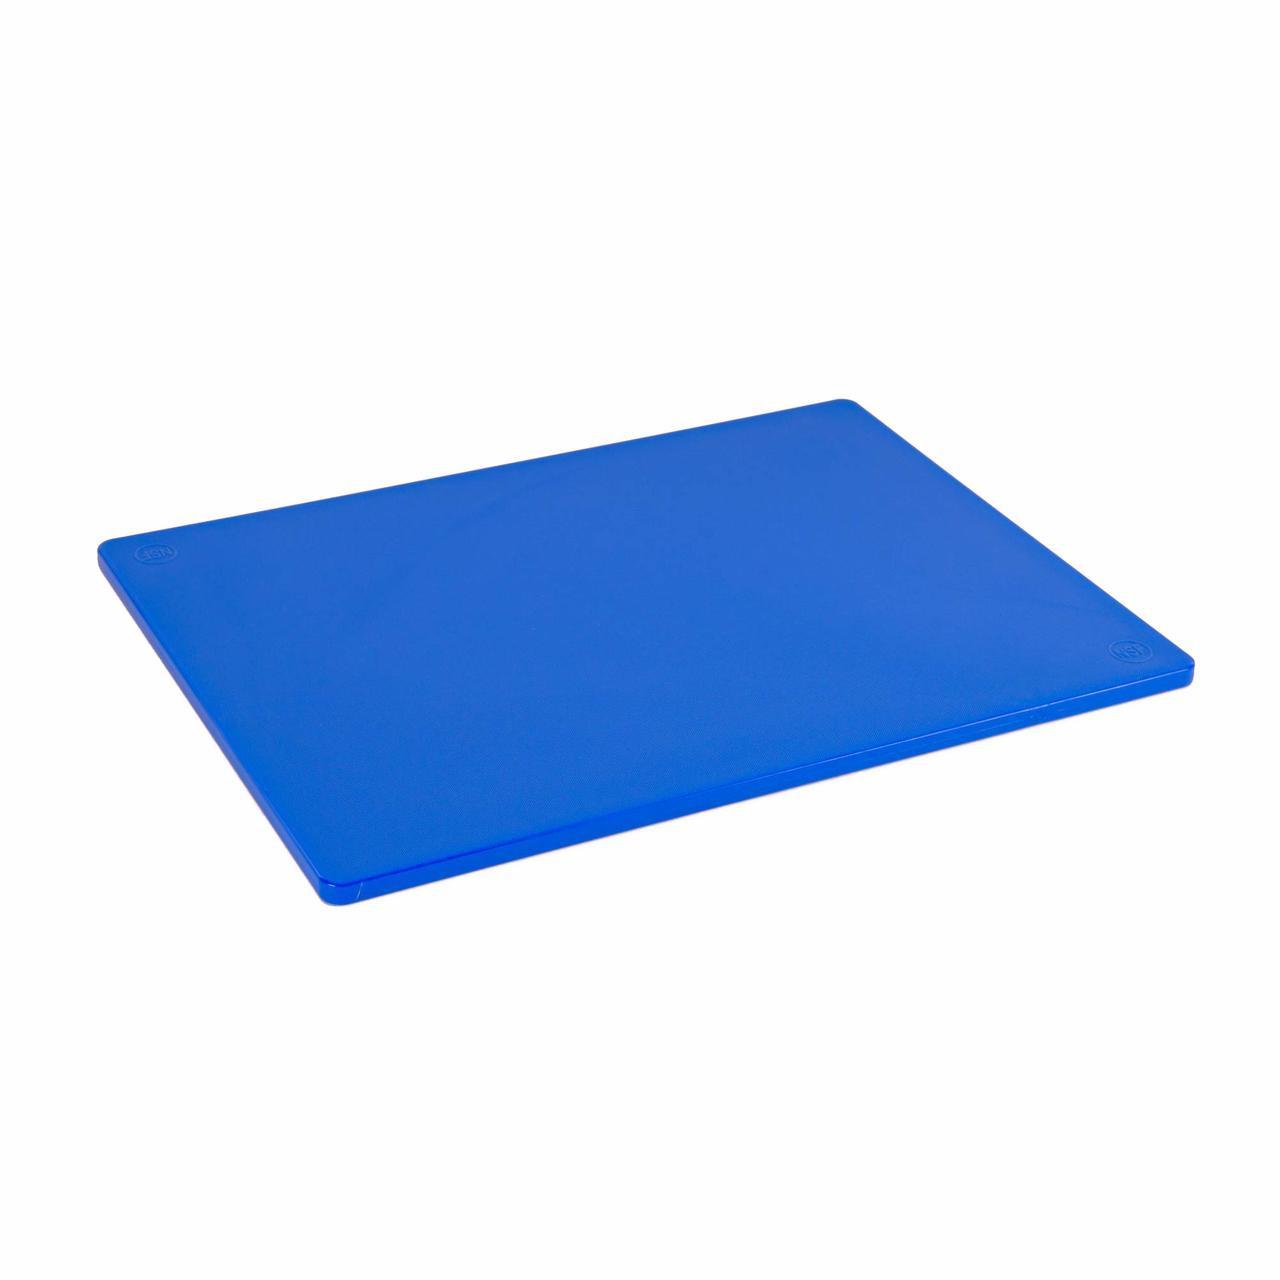 12 X 18 Basic Blue Poly Cutting Board Cutting Board